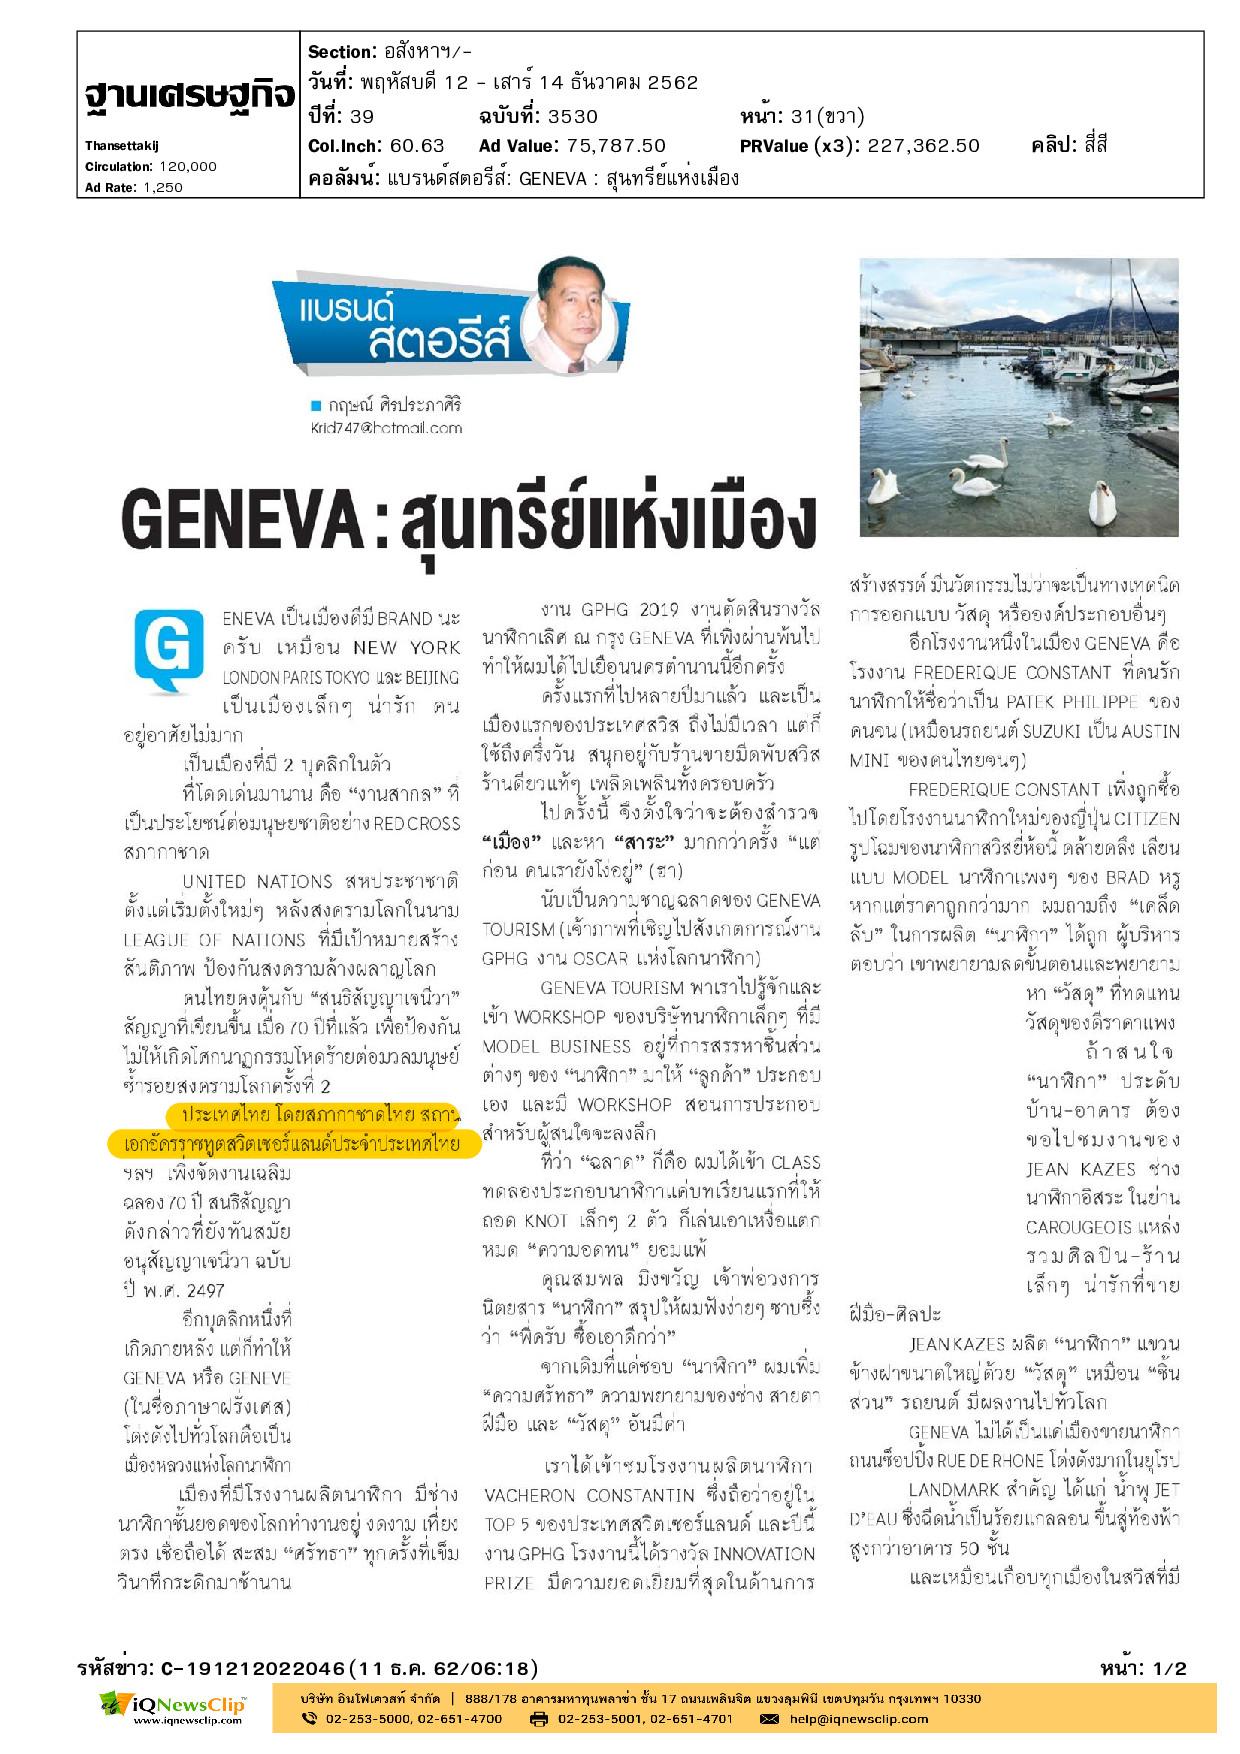 บทความ GENEVA: สุนทรีย์แห่งเมือง